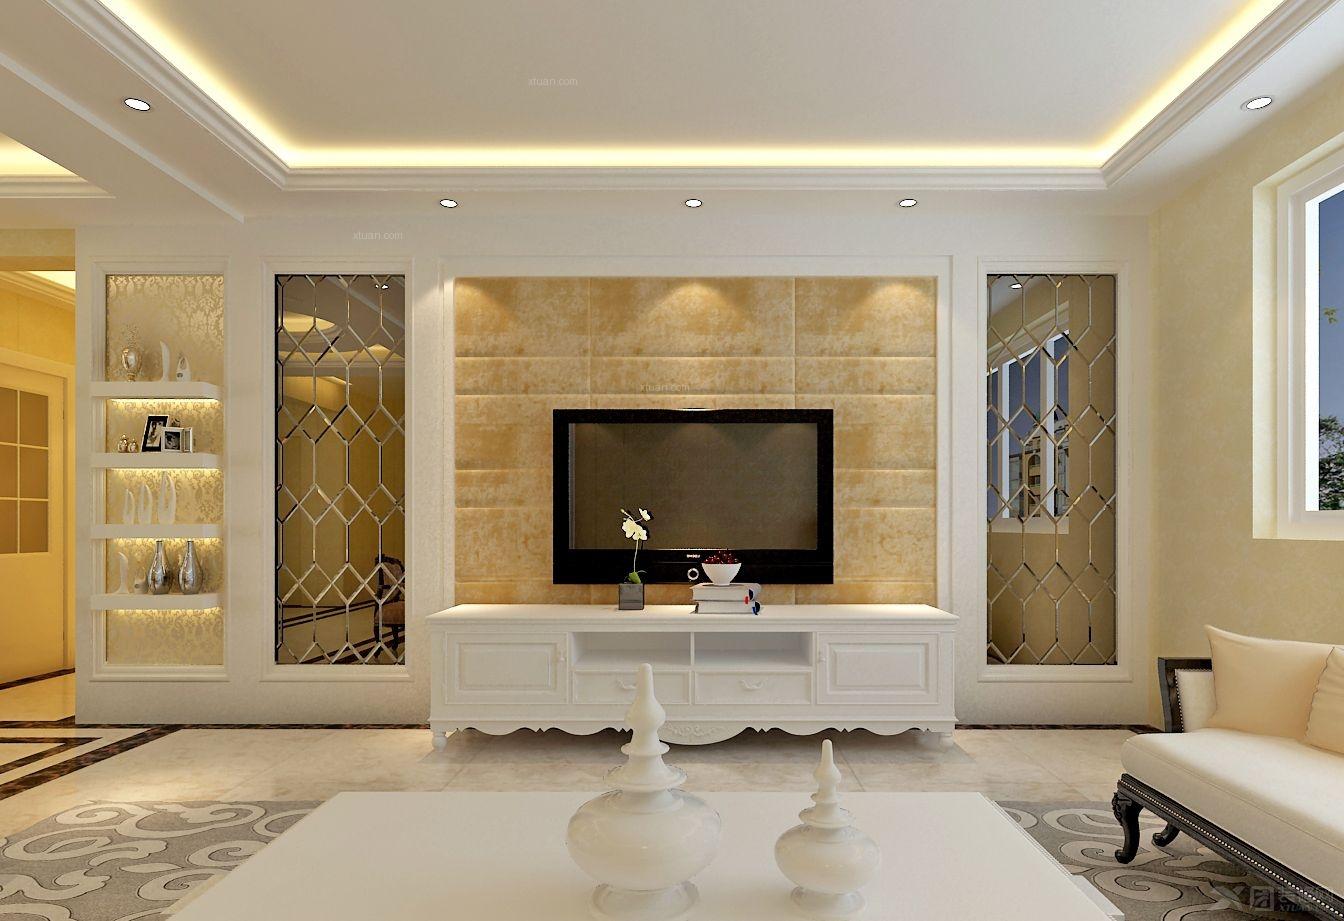 客厅简易背景墙餐客厅背景墙图片1